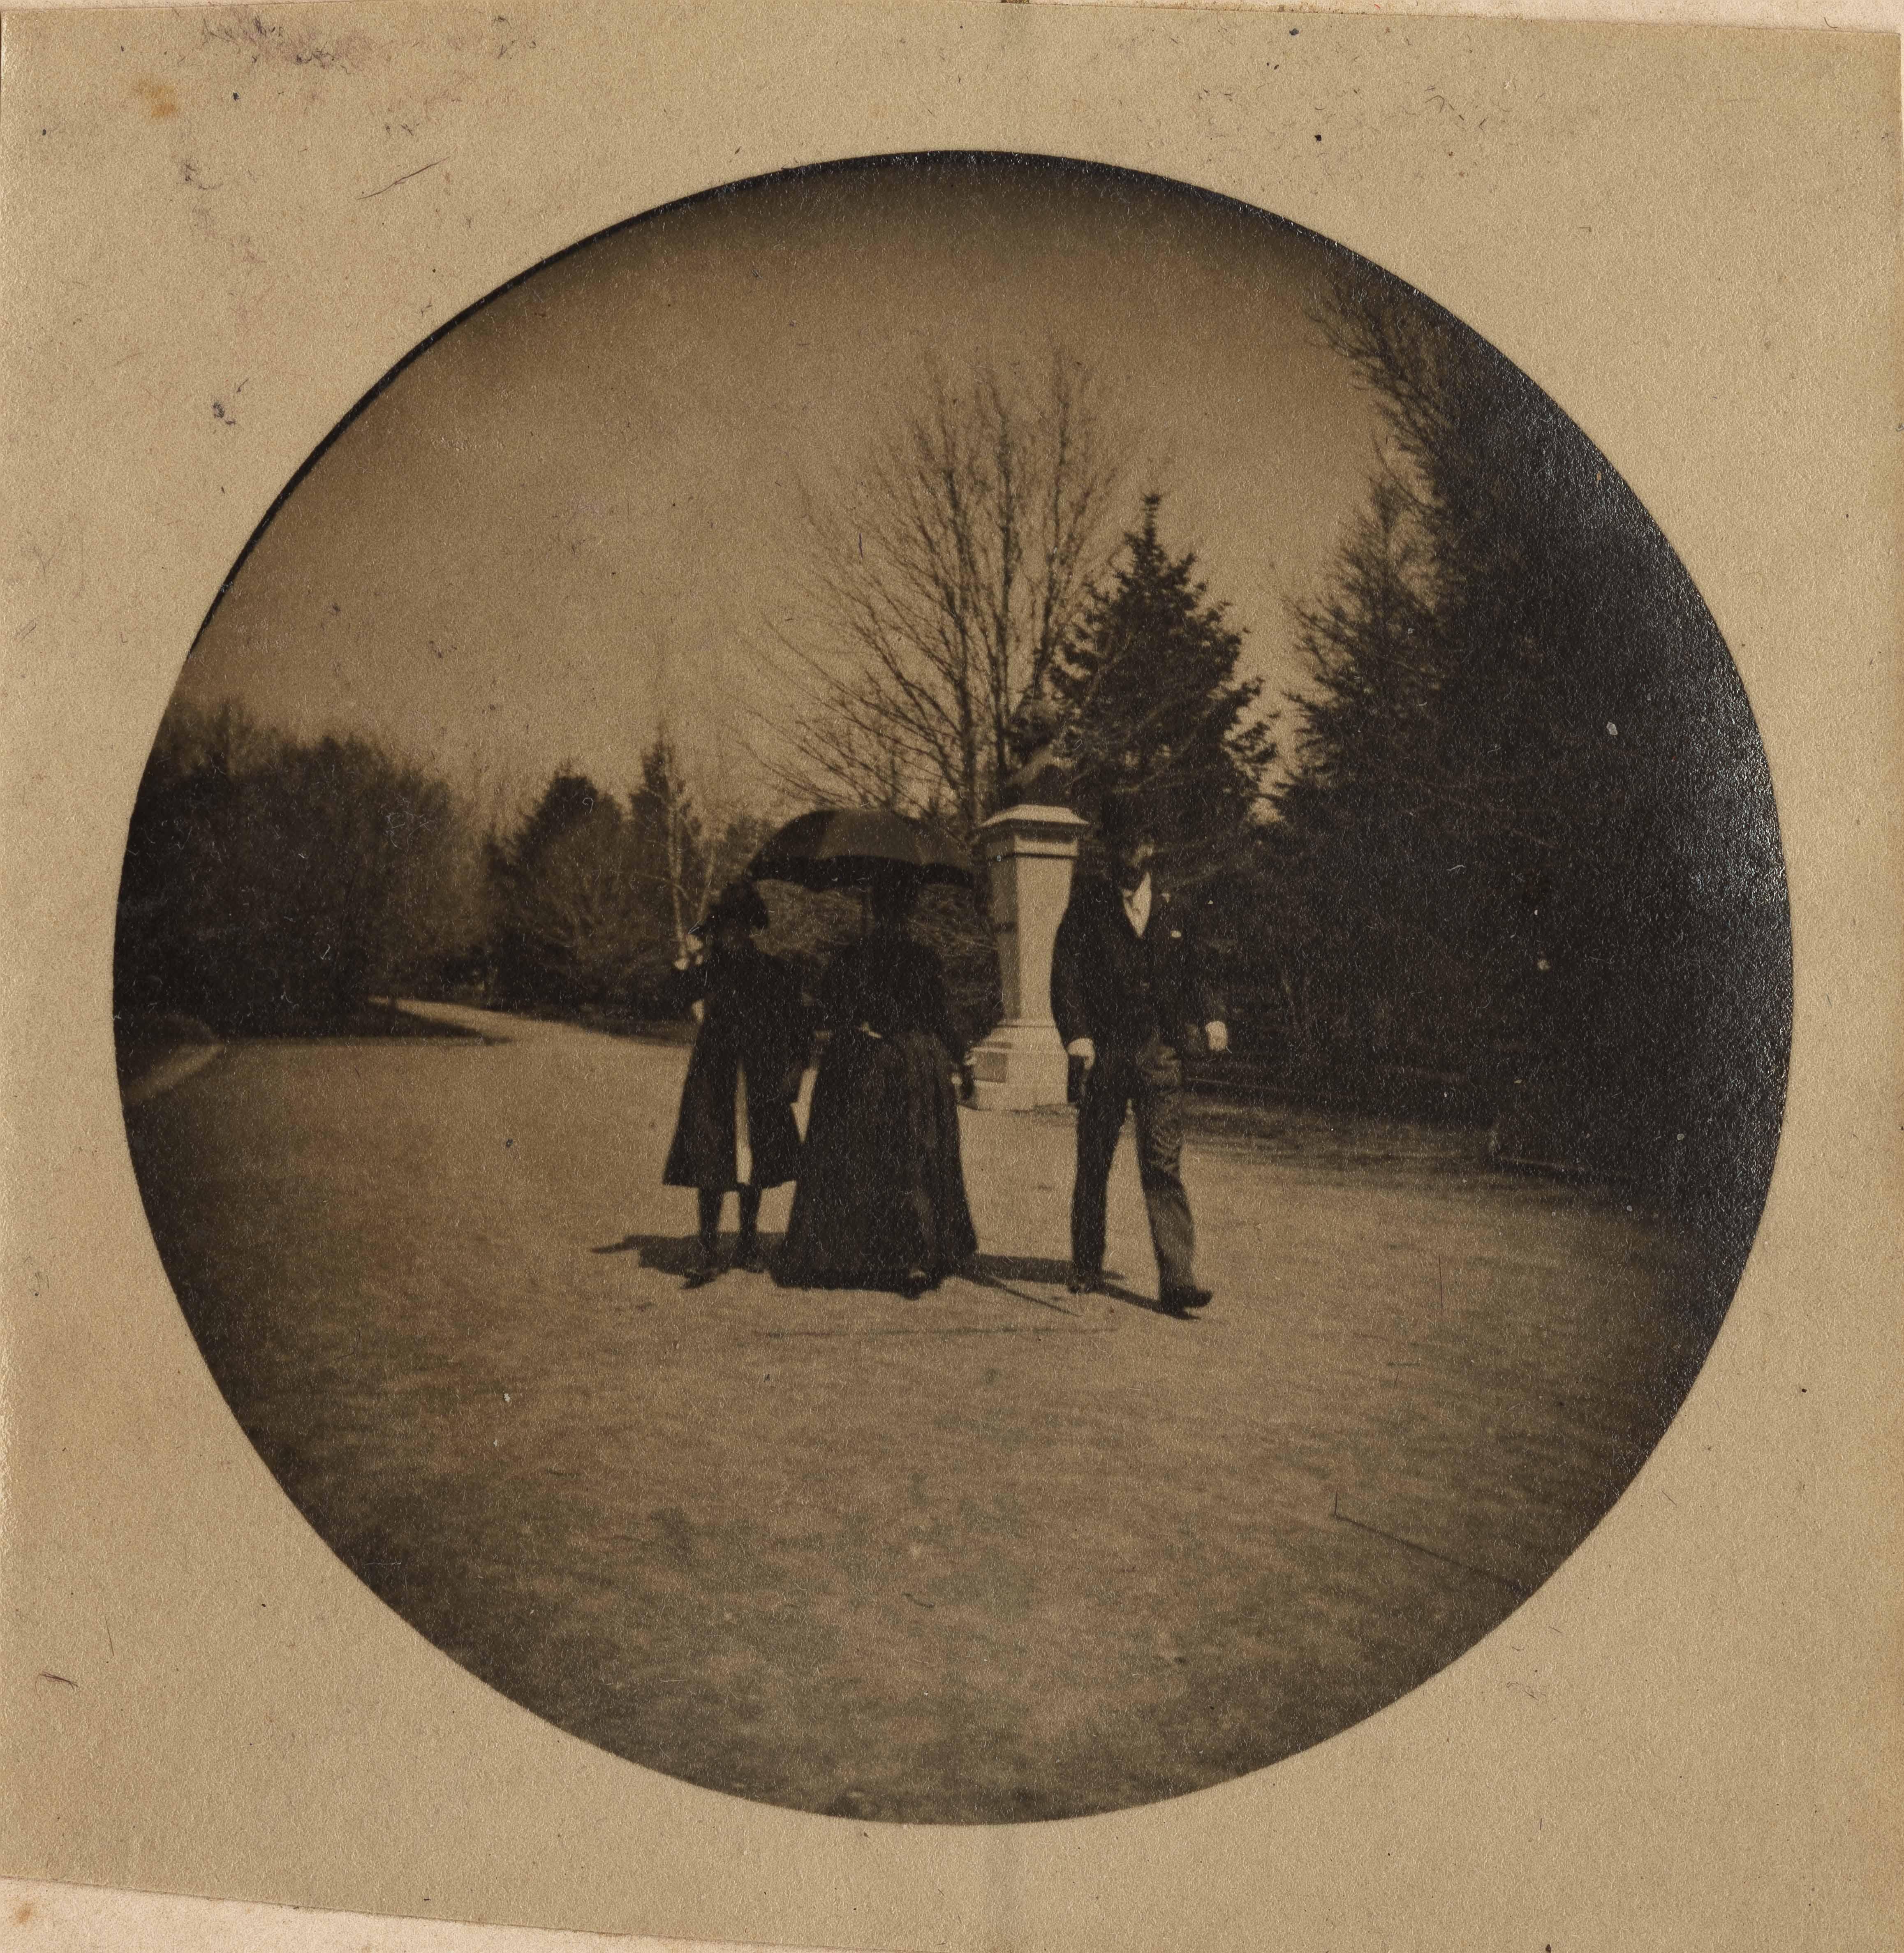 Three people on a walk.